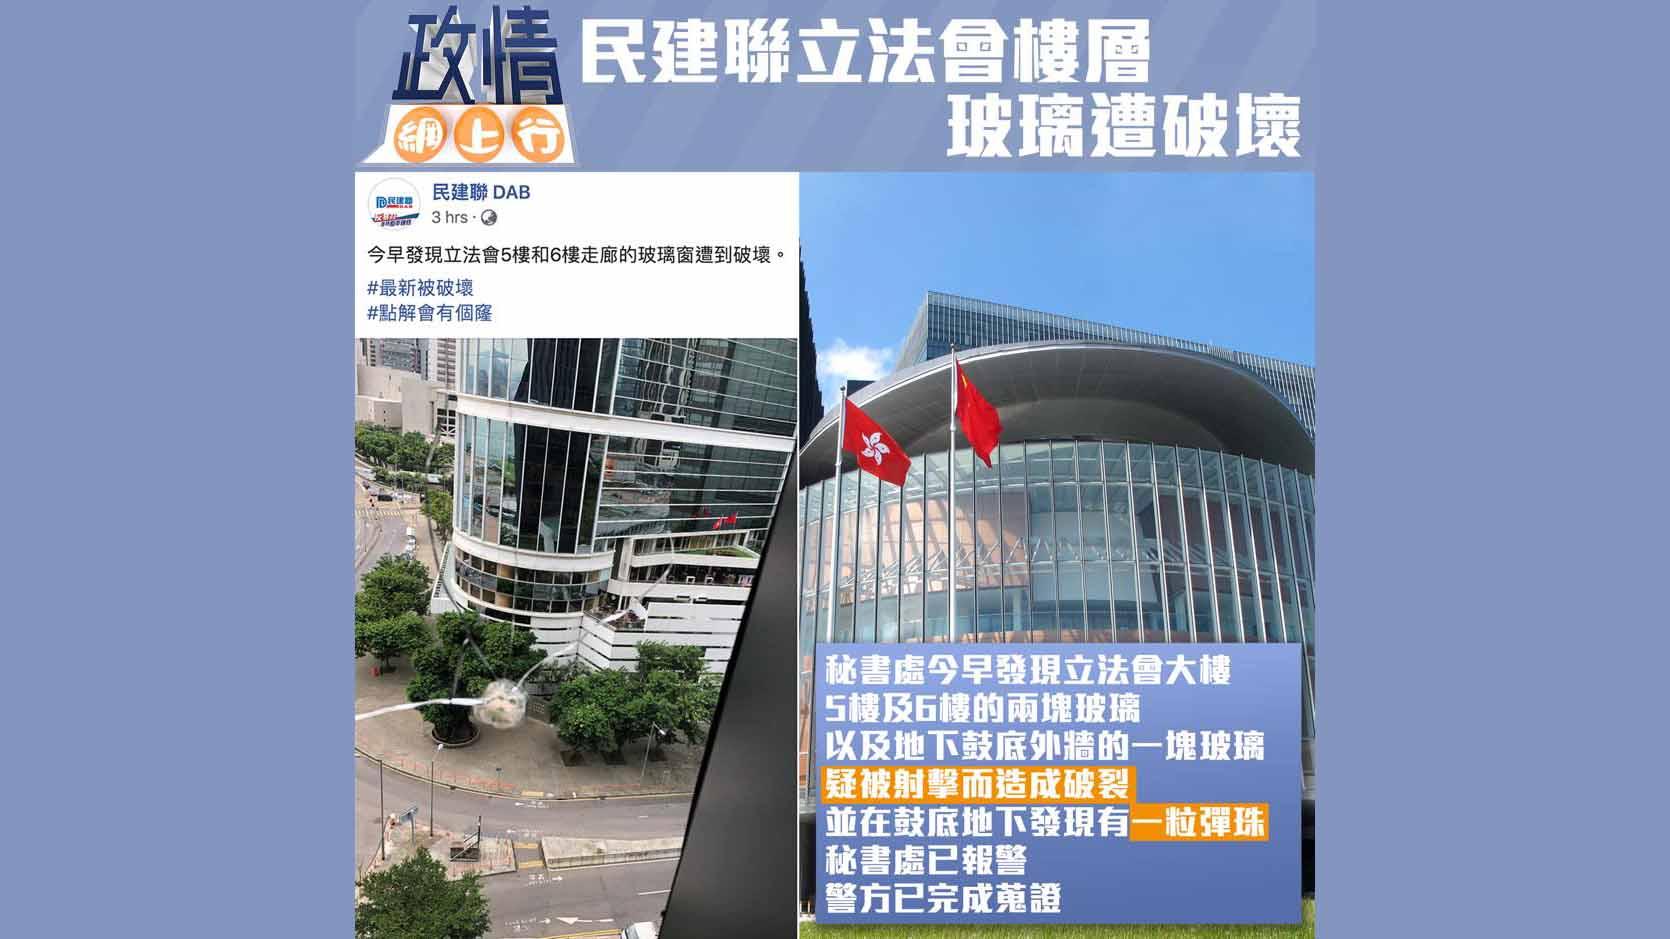 【政情網上行】民建聯立法會樓層玻璃遭破壞